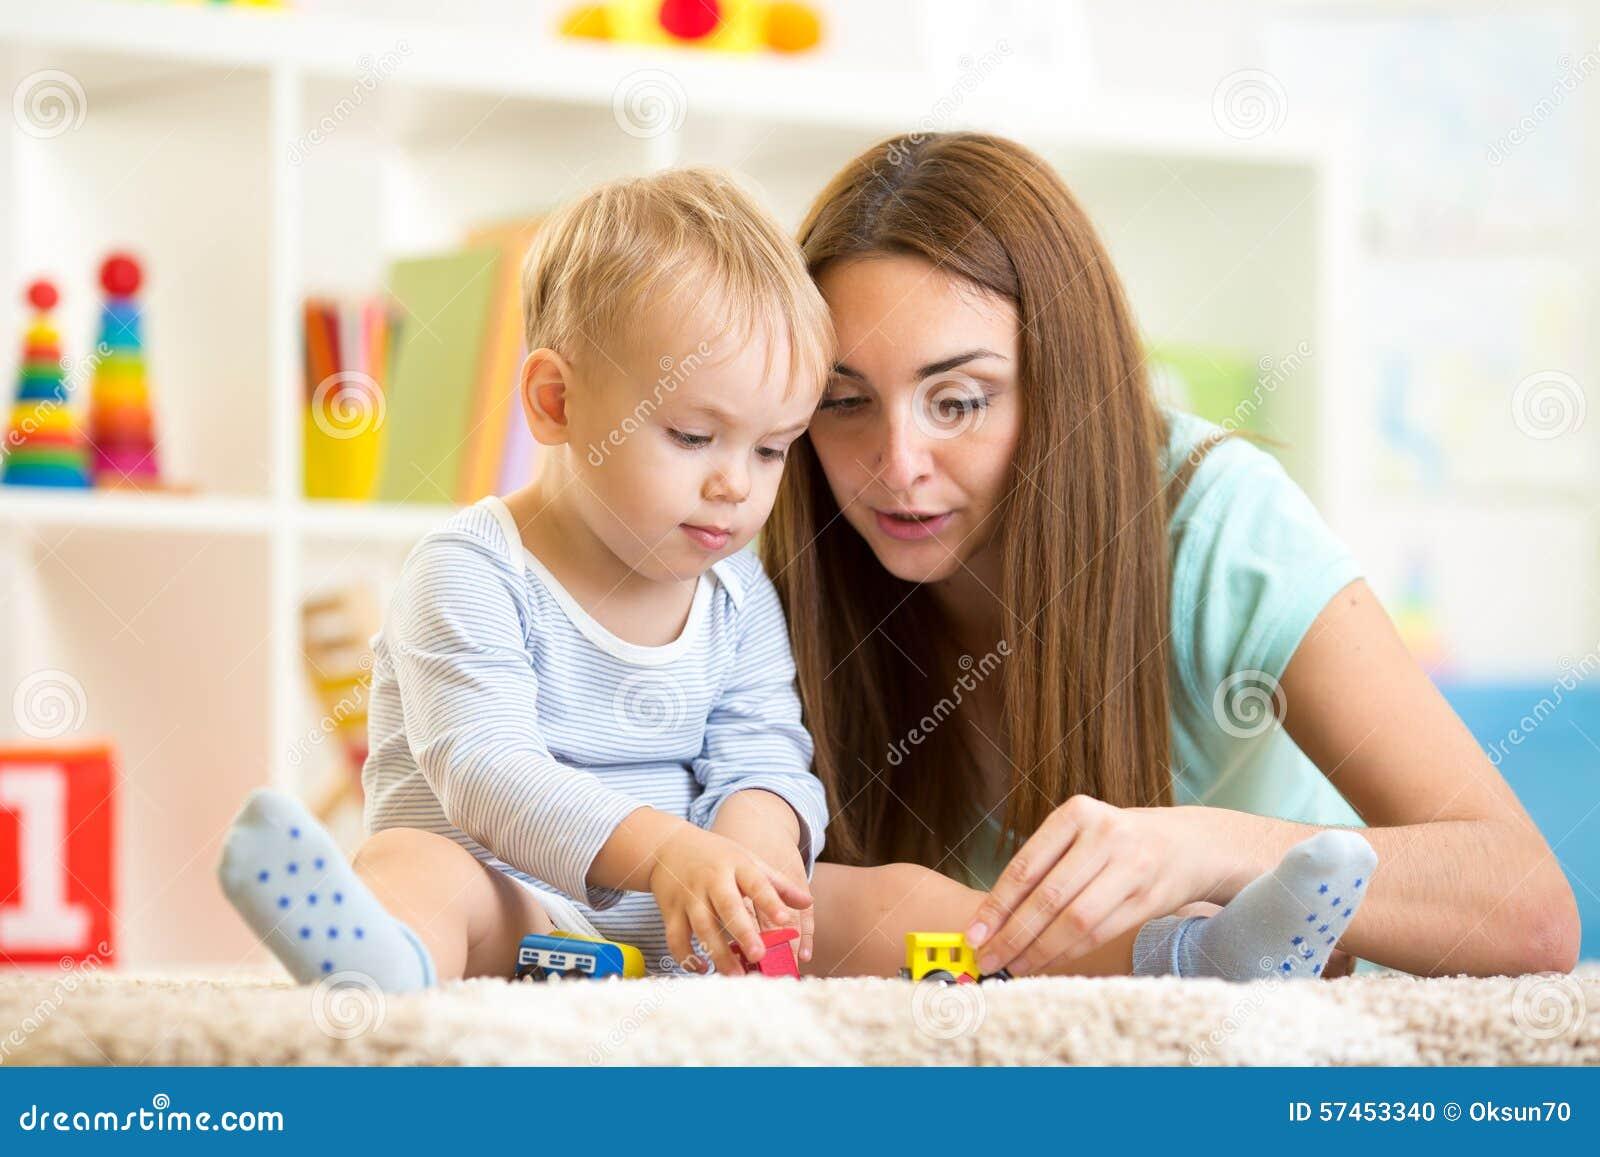 Sb Mit Mutter Zusammen